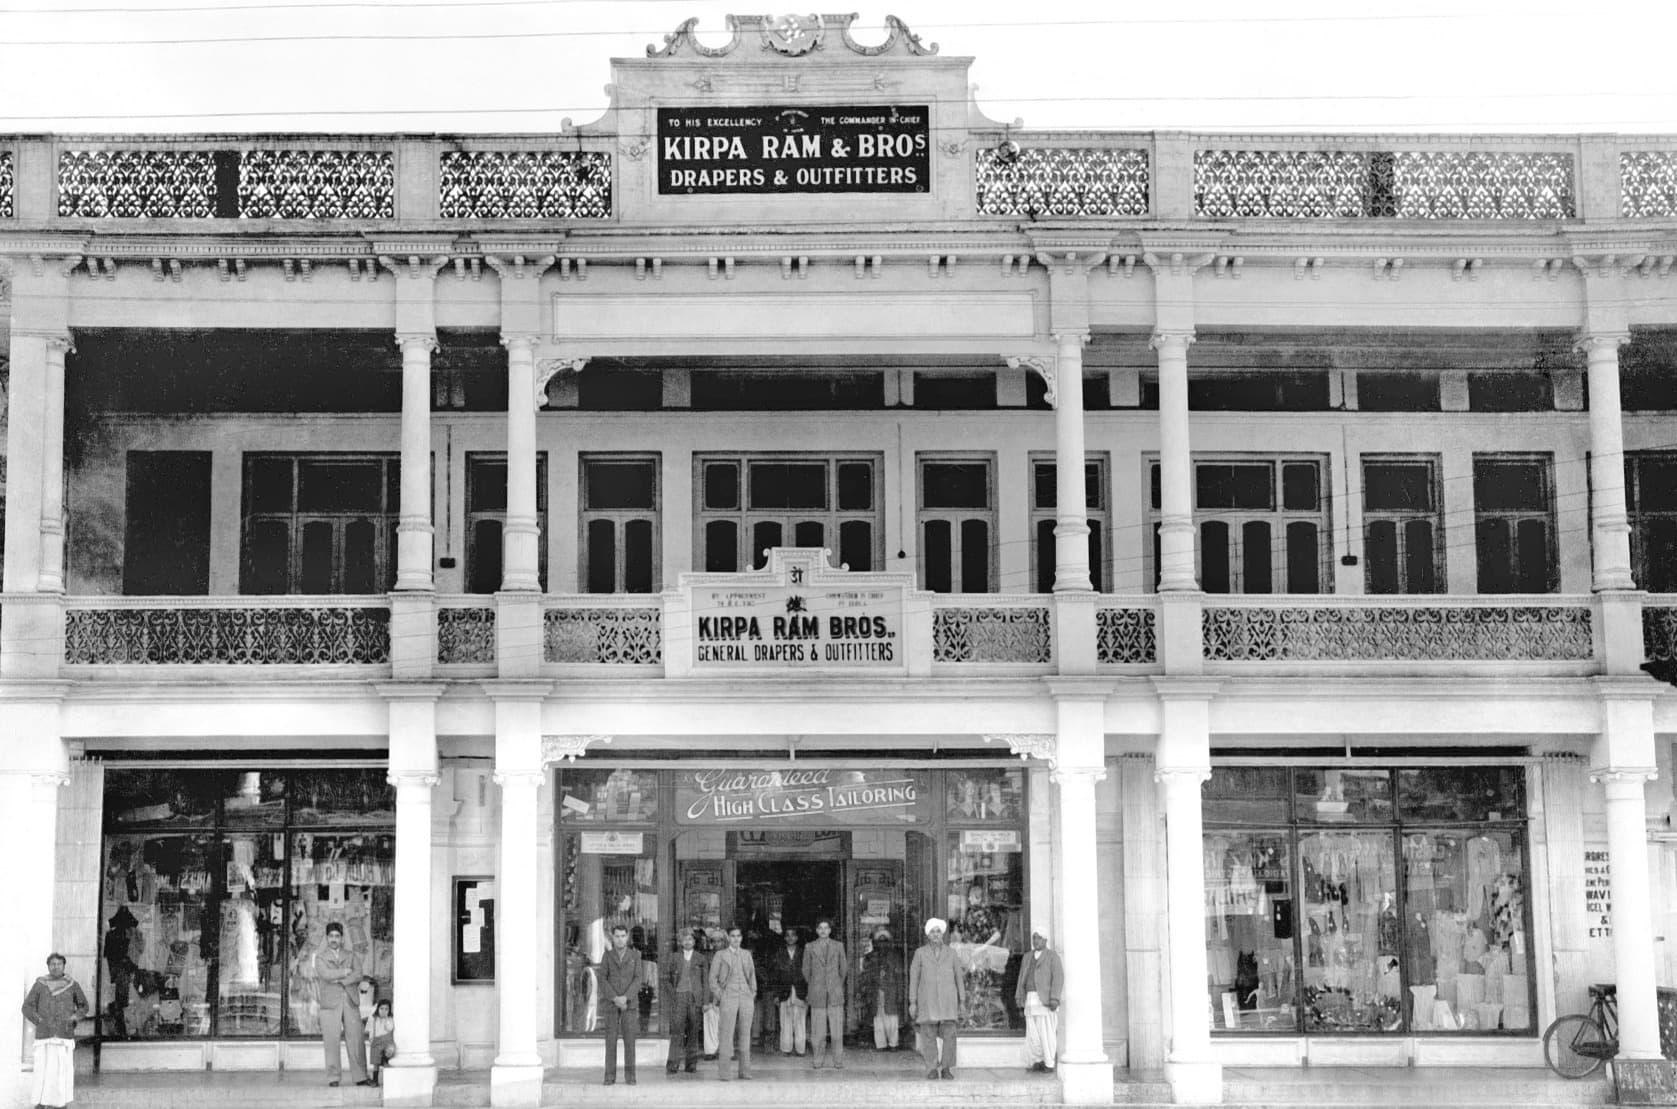 پشاور کینٹ میں فقیر چند کوہلی کے والد کی دکان